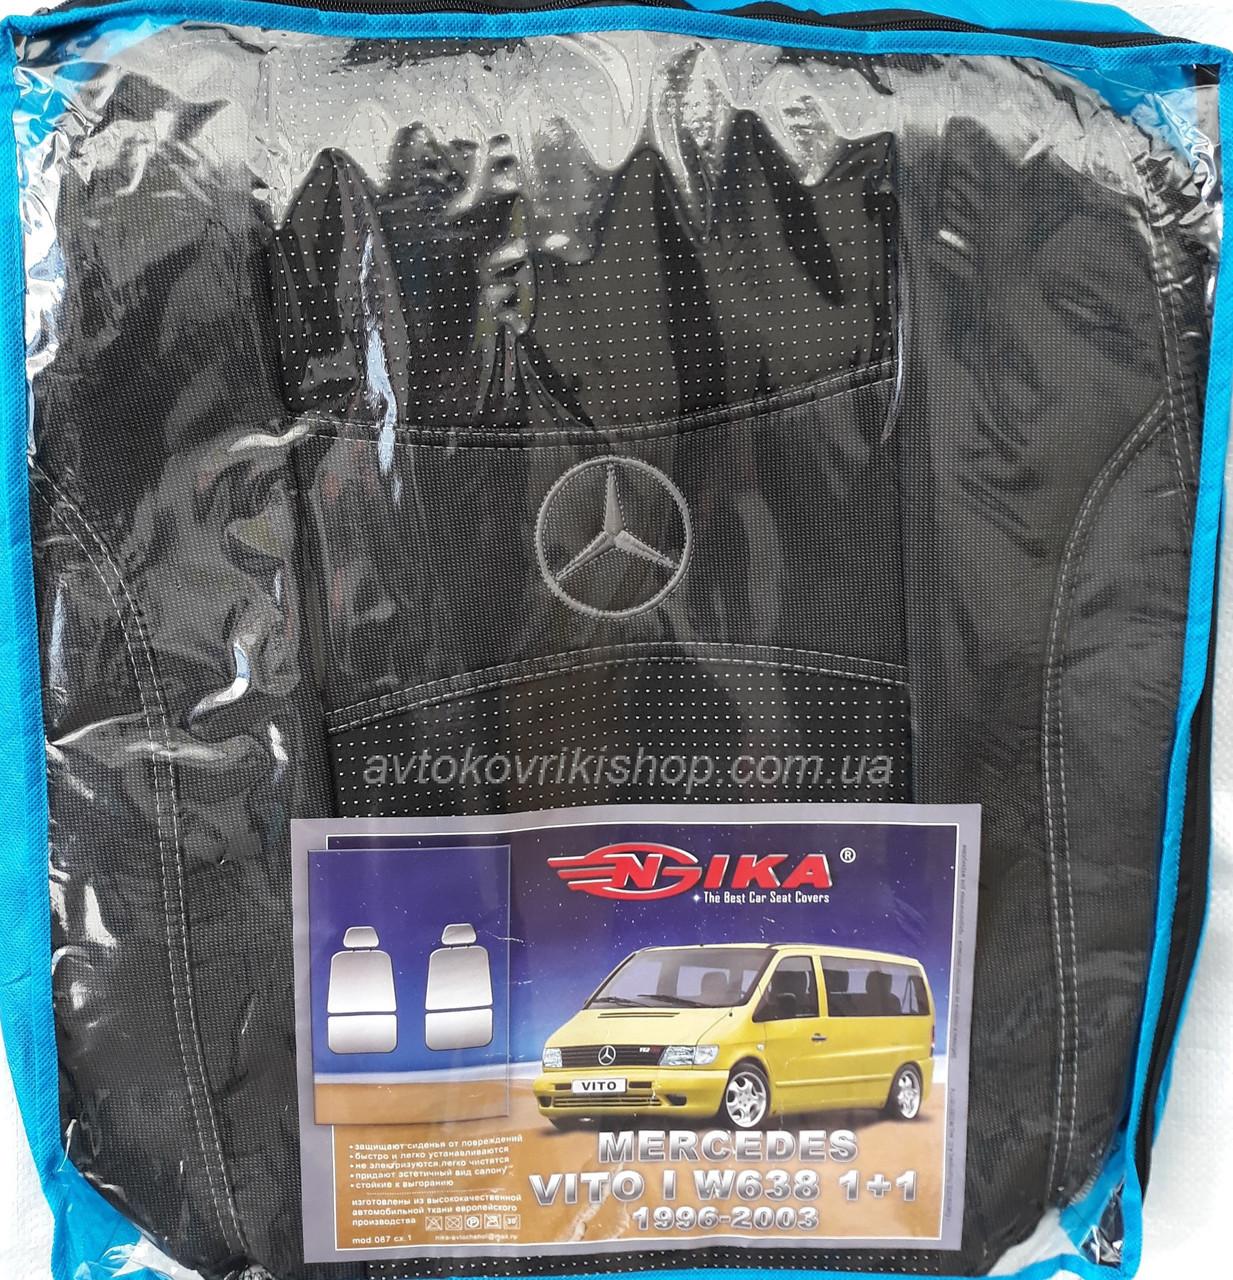 Авточехлы Mercedes Vito I W638 1+1 1996 - 2003 Nika